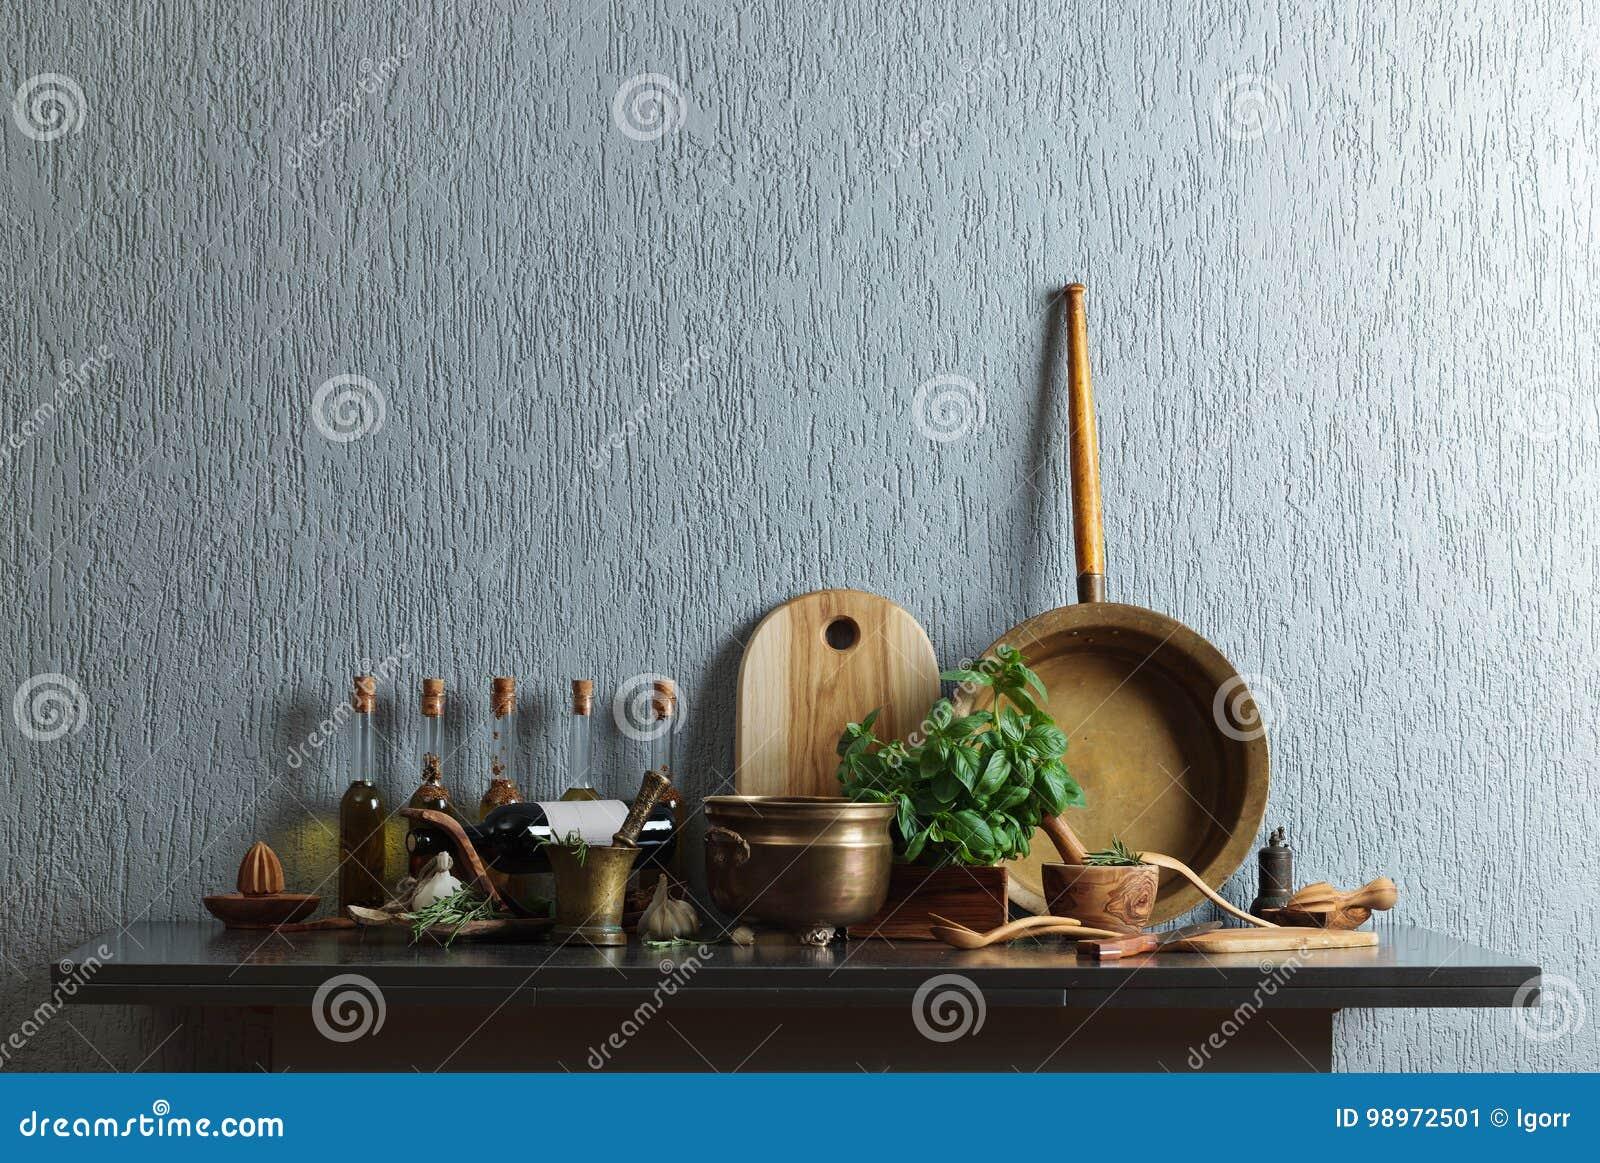 Vintage Kitchen Utensils With Bottles Of Olive Oil. Stock Image ...